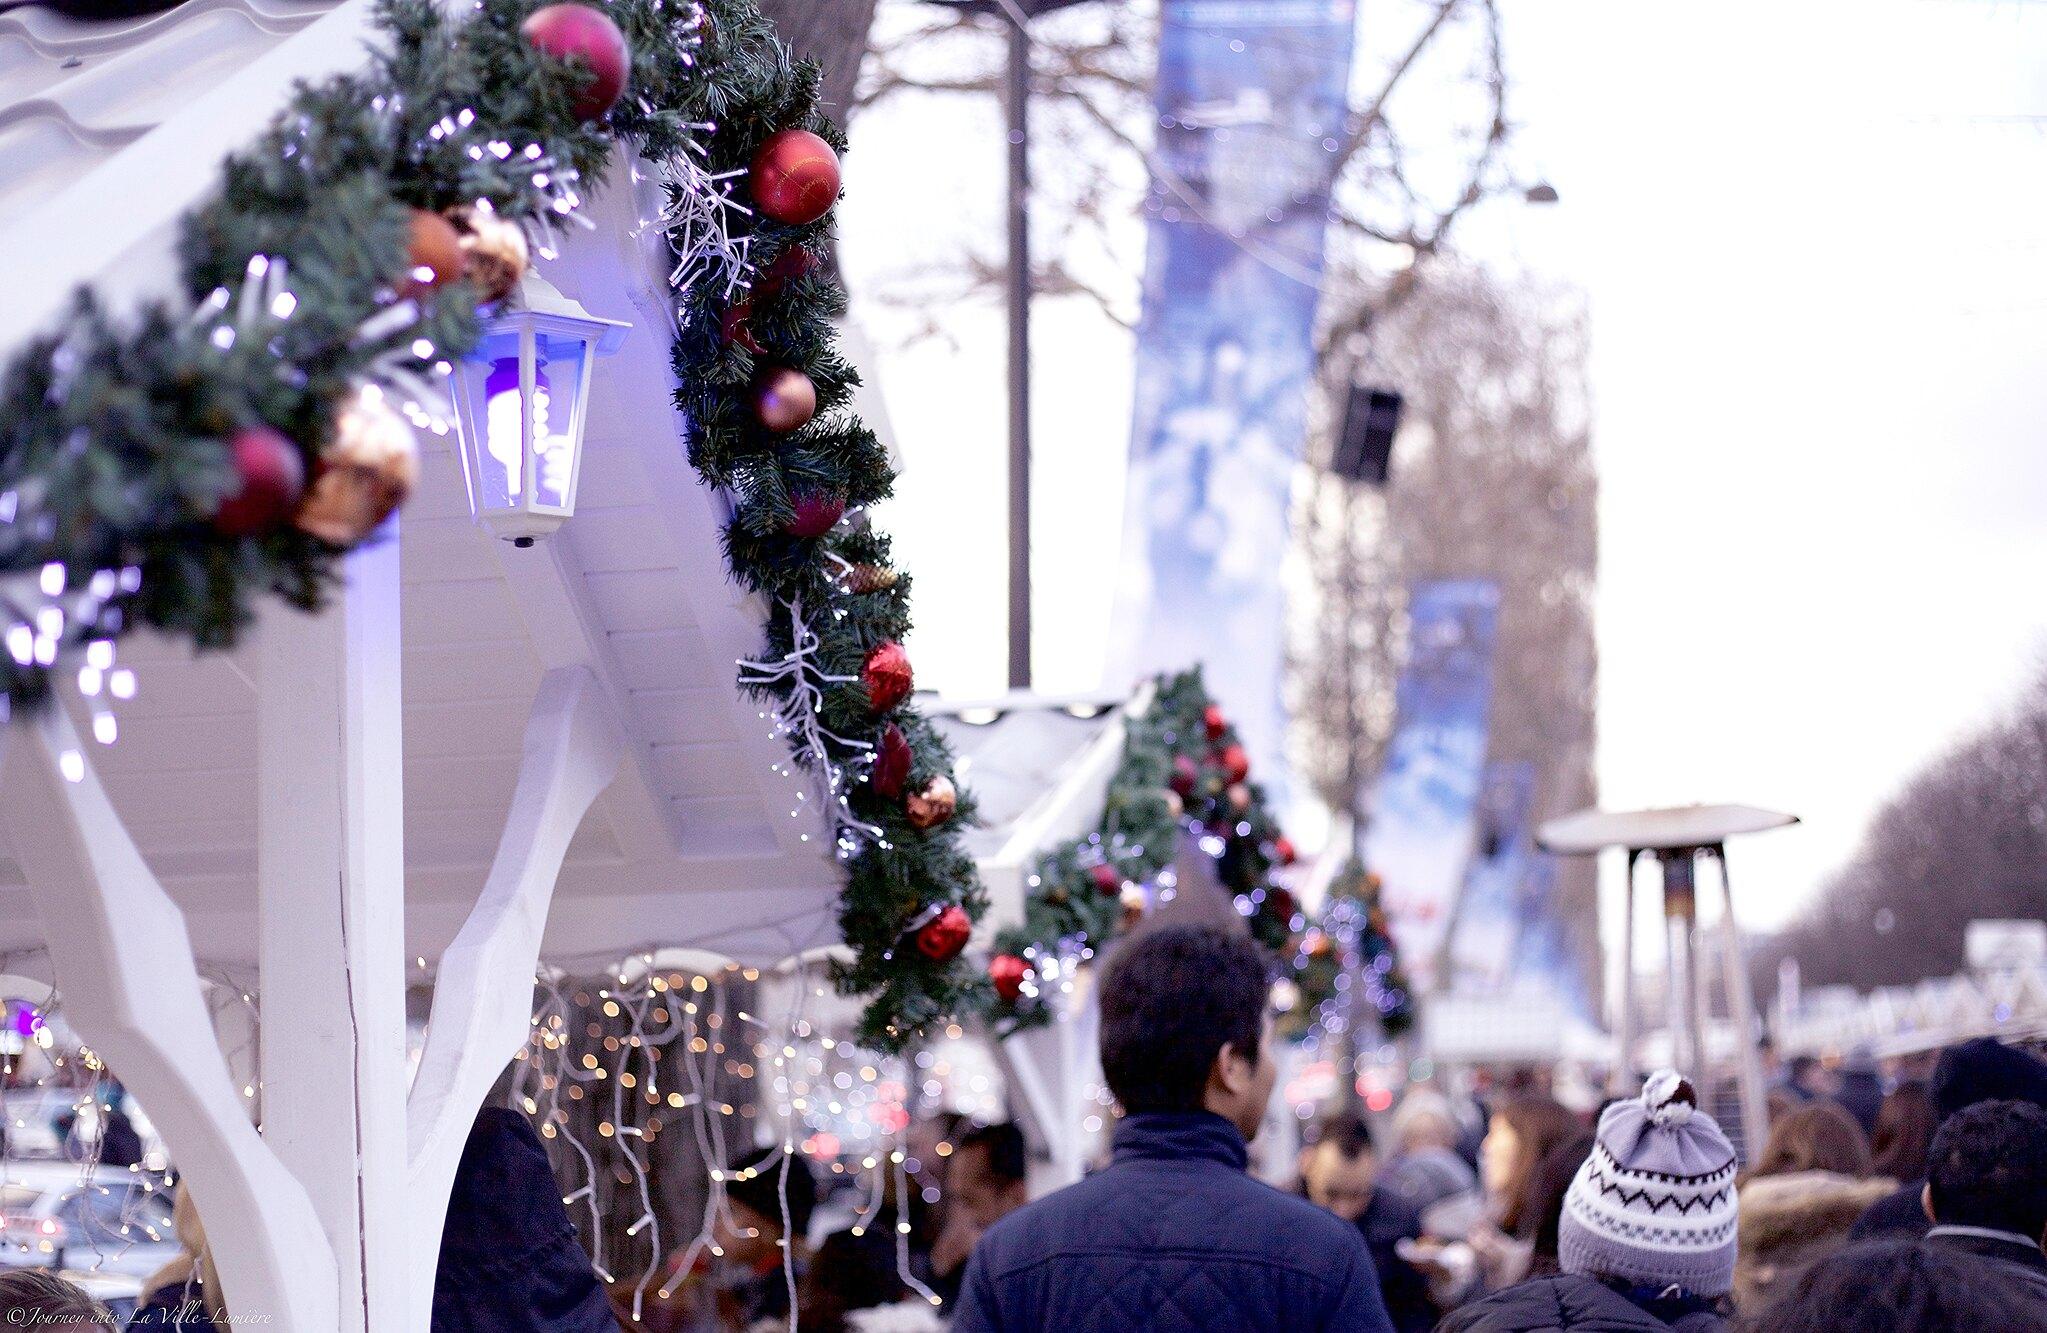 Marché de Noël des Champs-Elysées